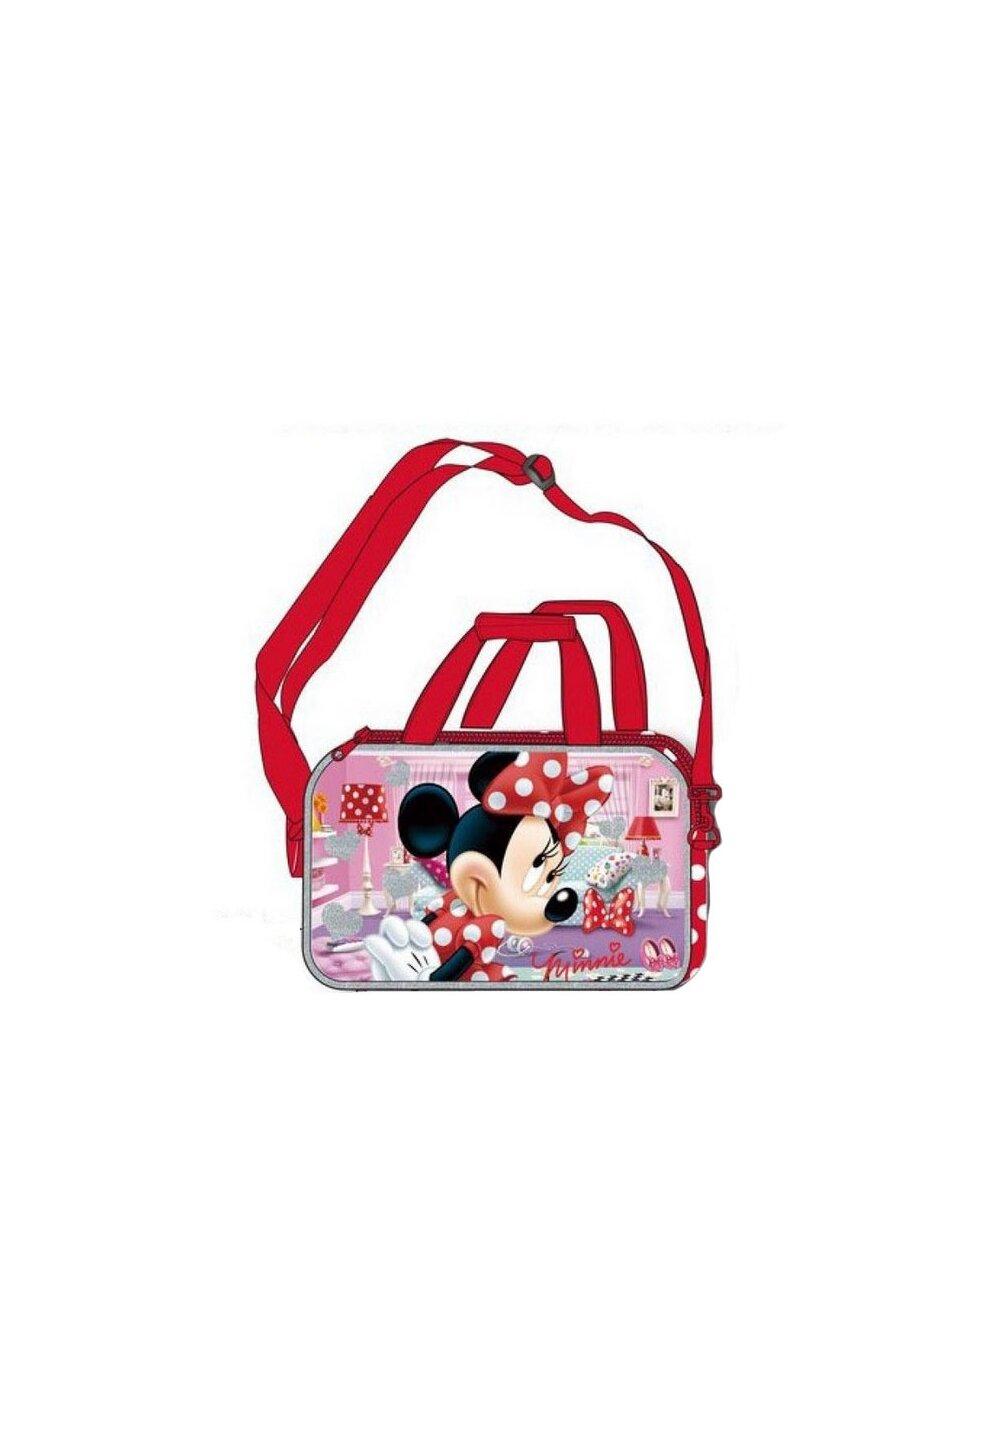 Geanta sport, Minnie Mouse, rosie cu buline albe imagine